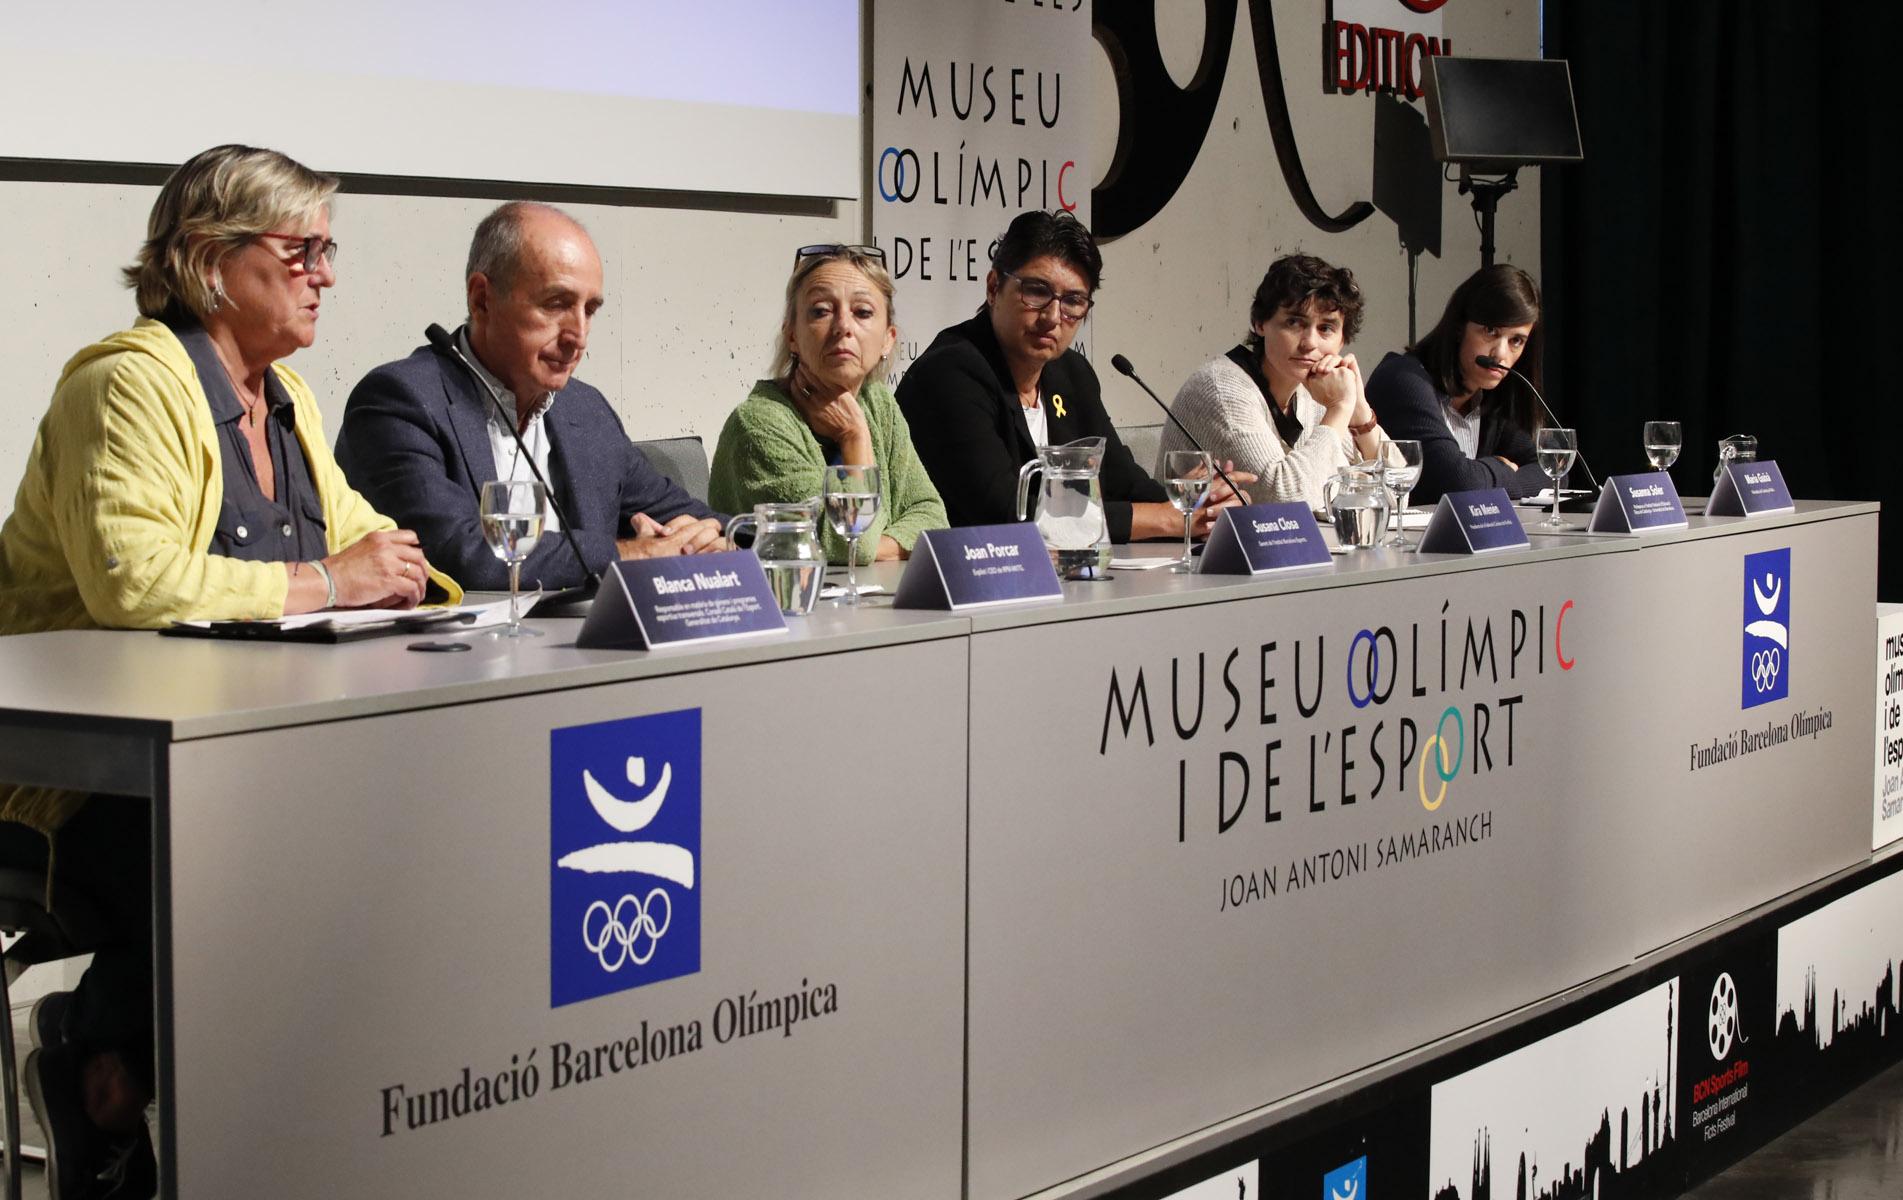 Forum_olimpic_Igualtat